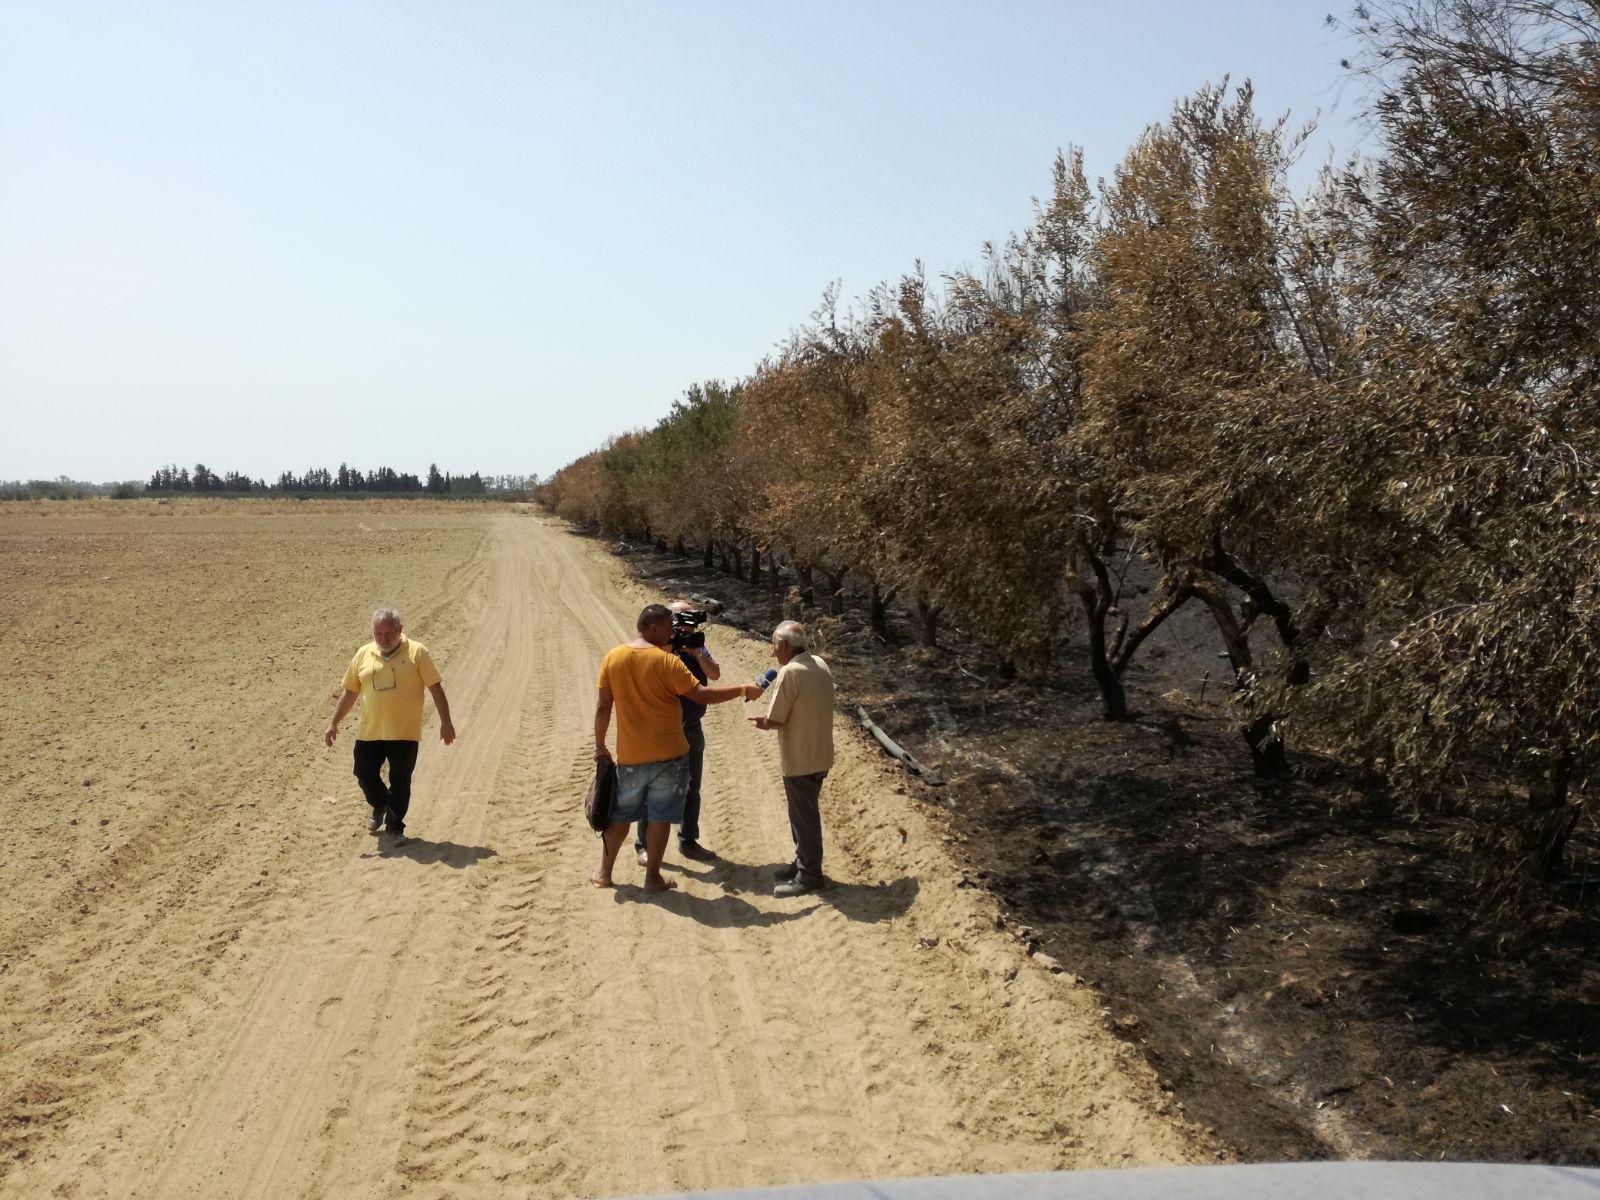 Dal sud asfisiato dal caldo e dagli incendi, No al G7 sull'agricoltura